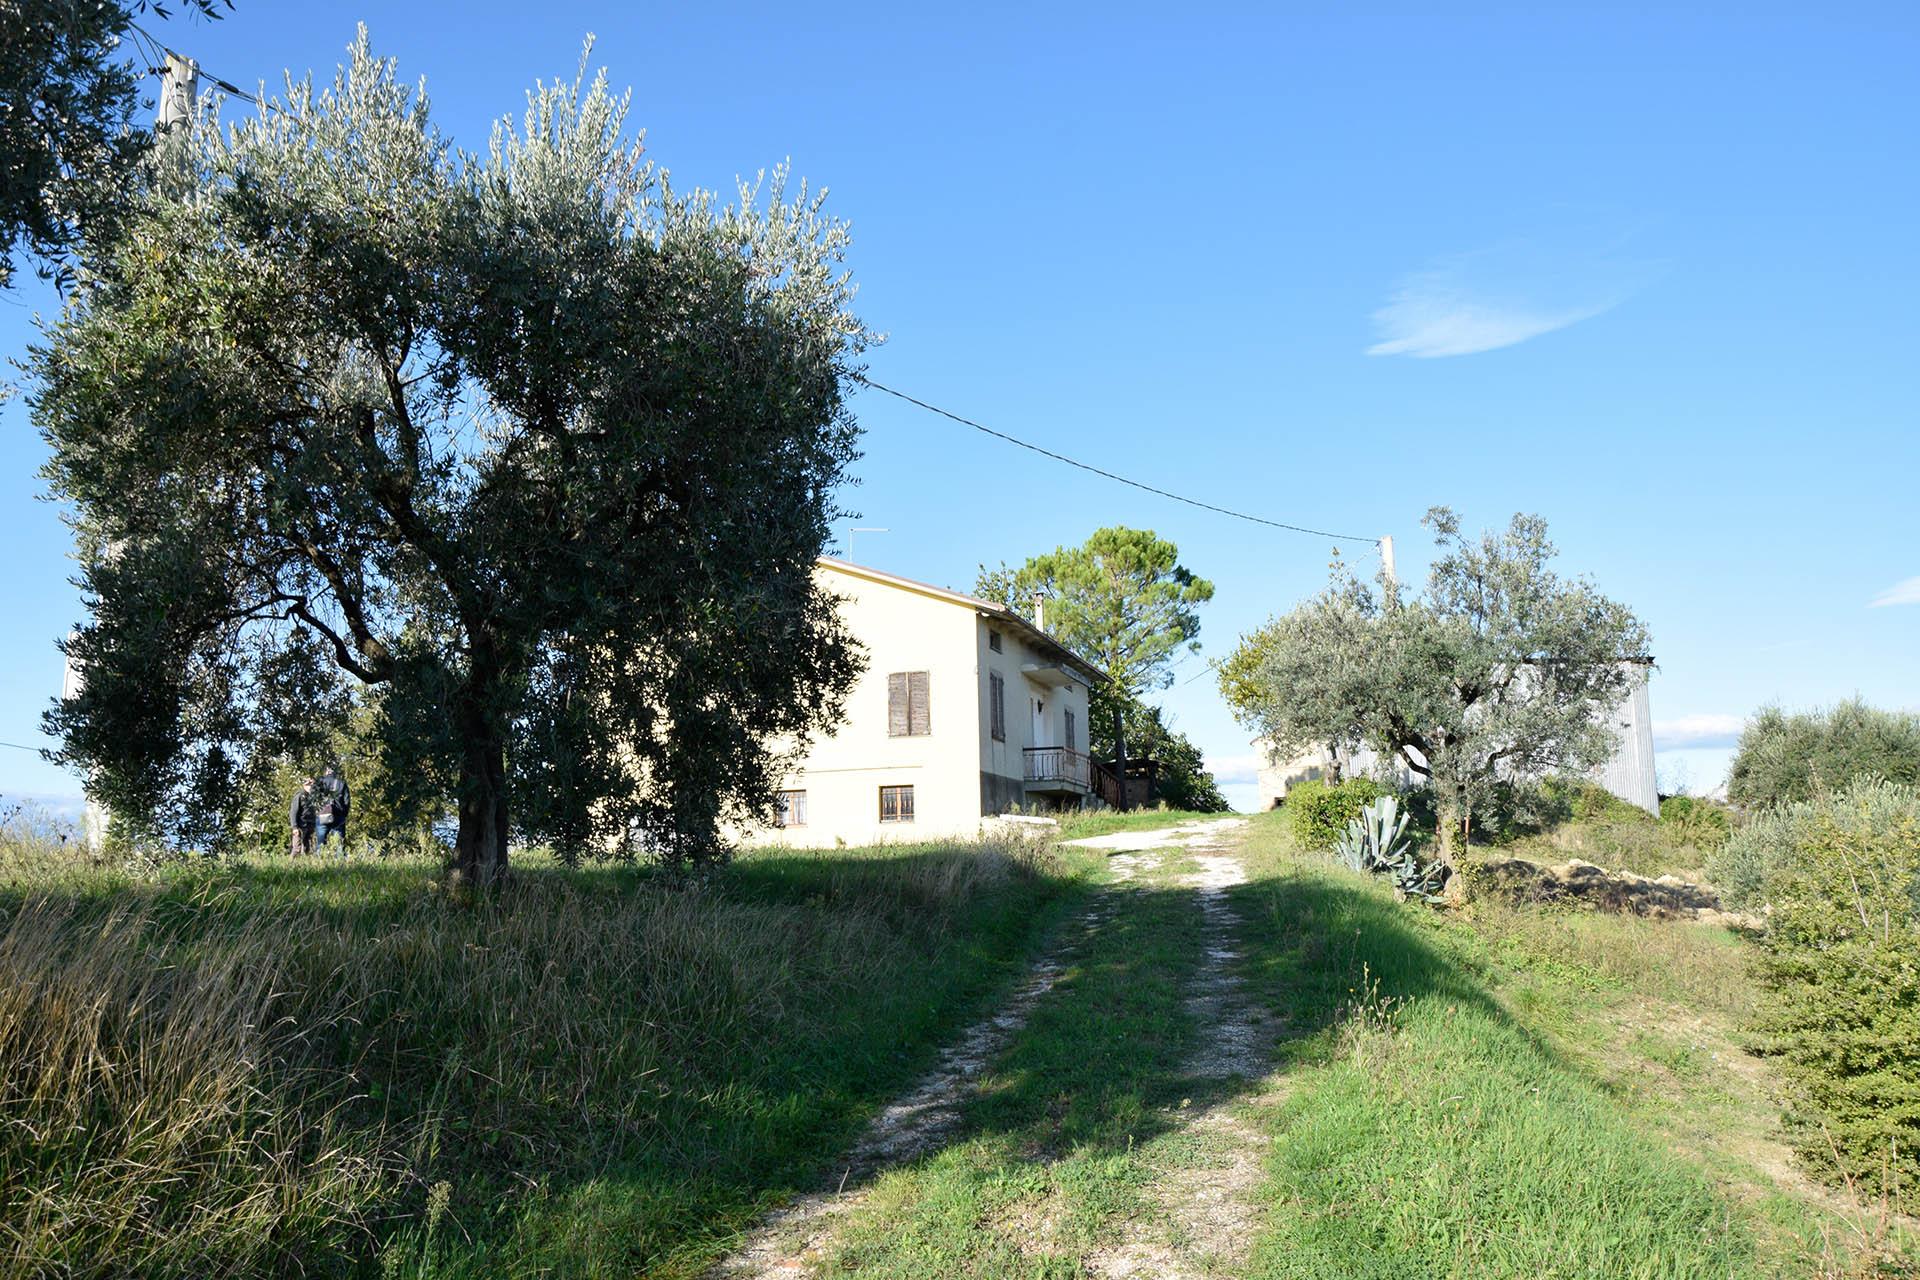 L'Agenzia Immobiliare Puzielli propone proprietà immobiliare a Monte Giberto con vista panoramica